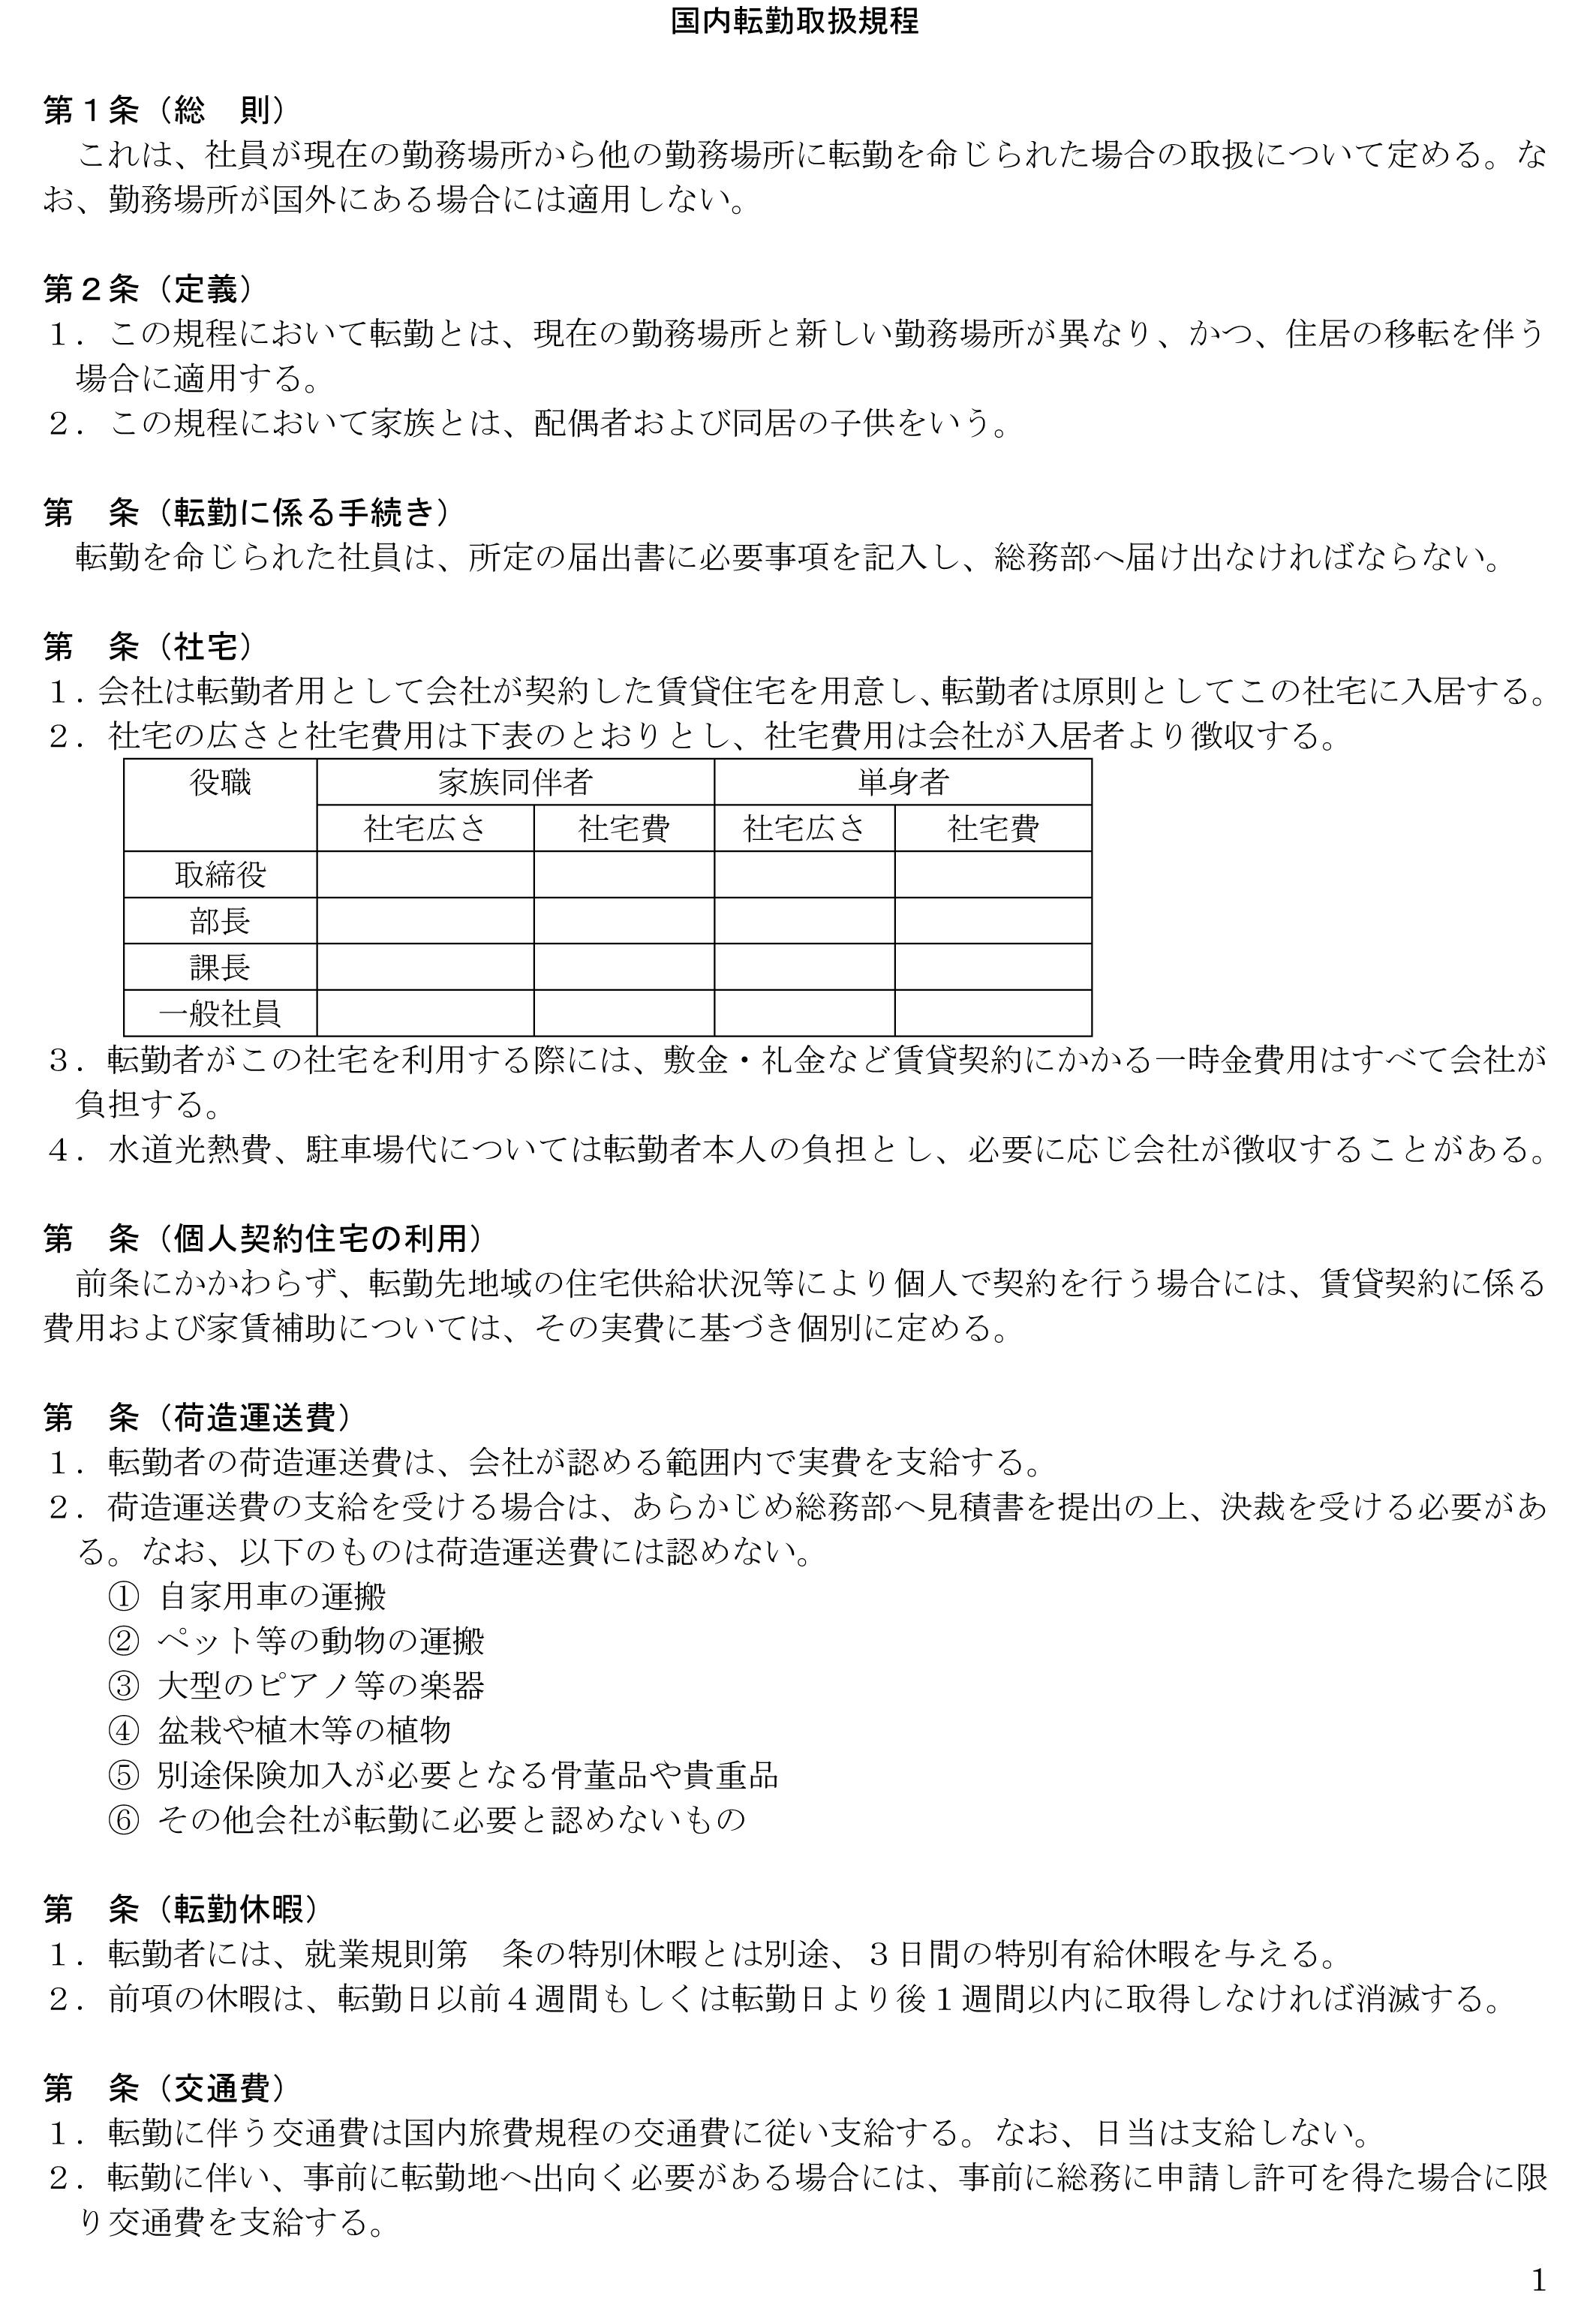 国内転勤取扱規程